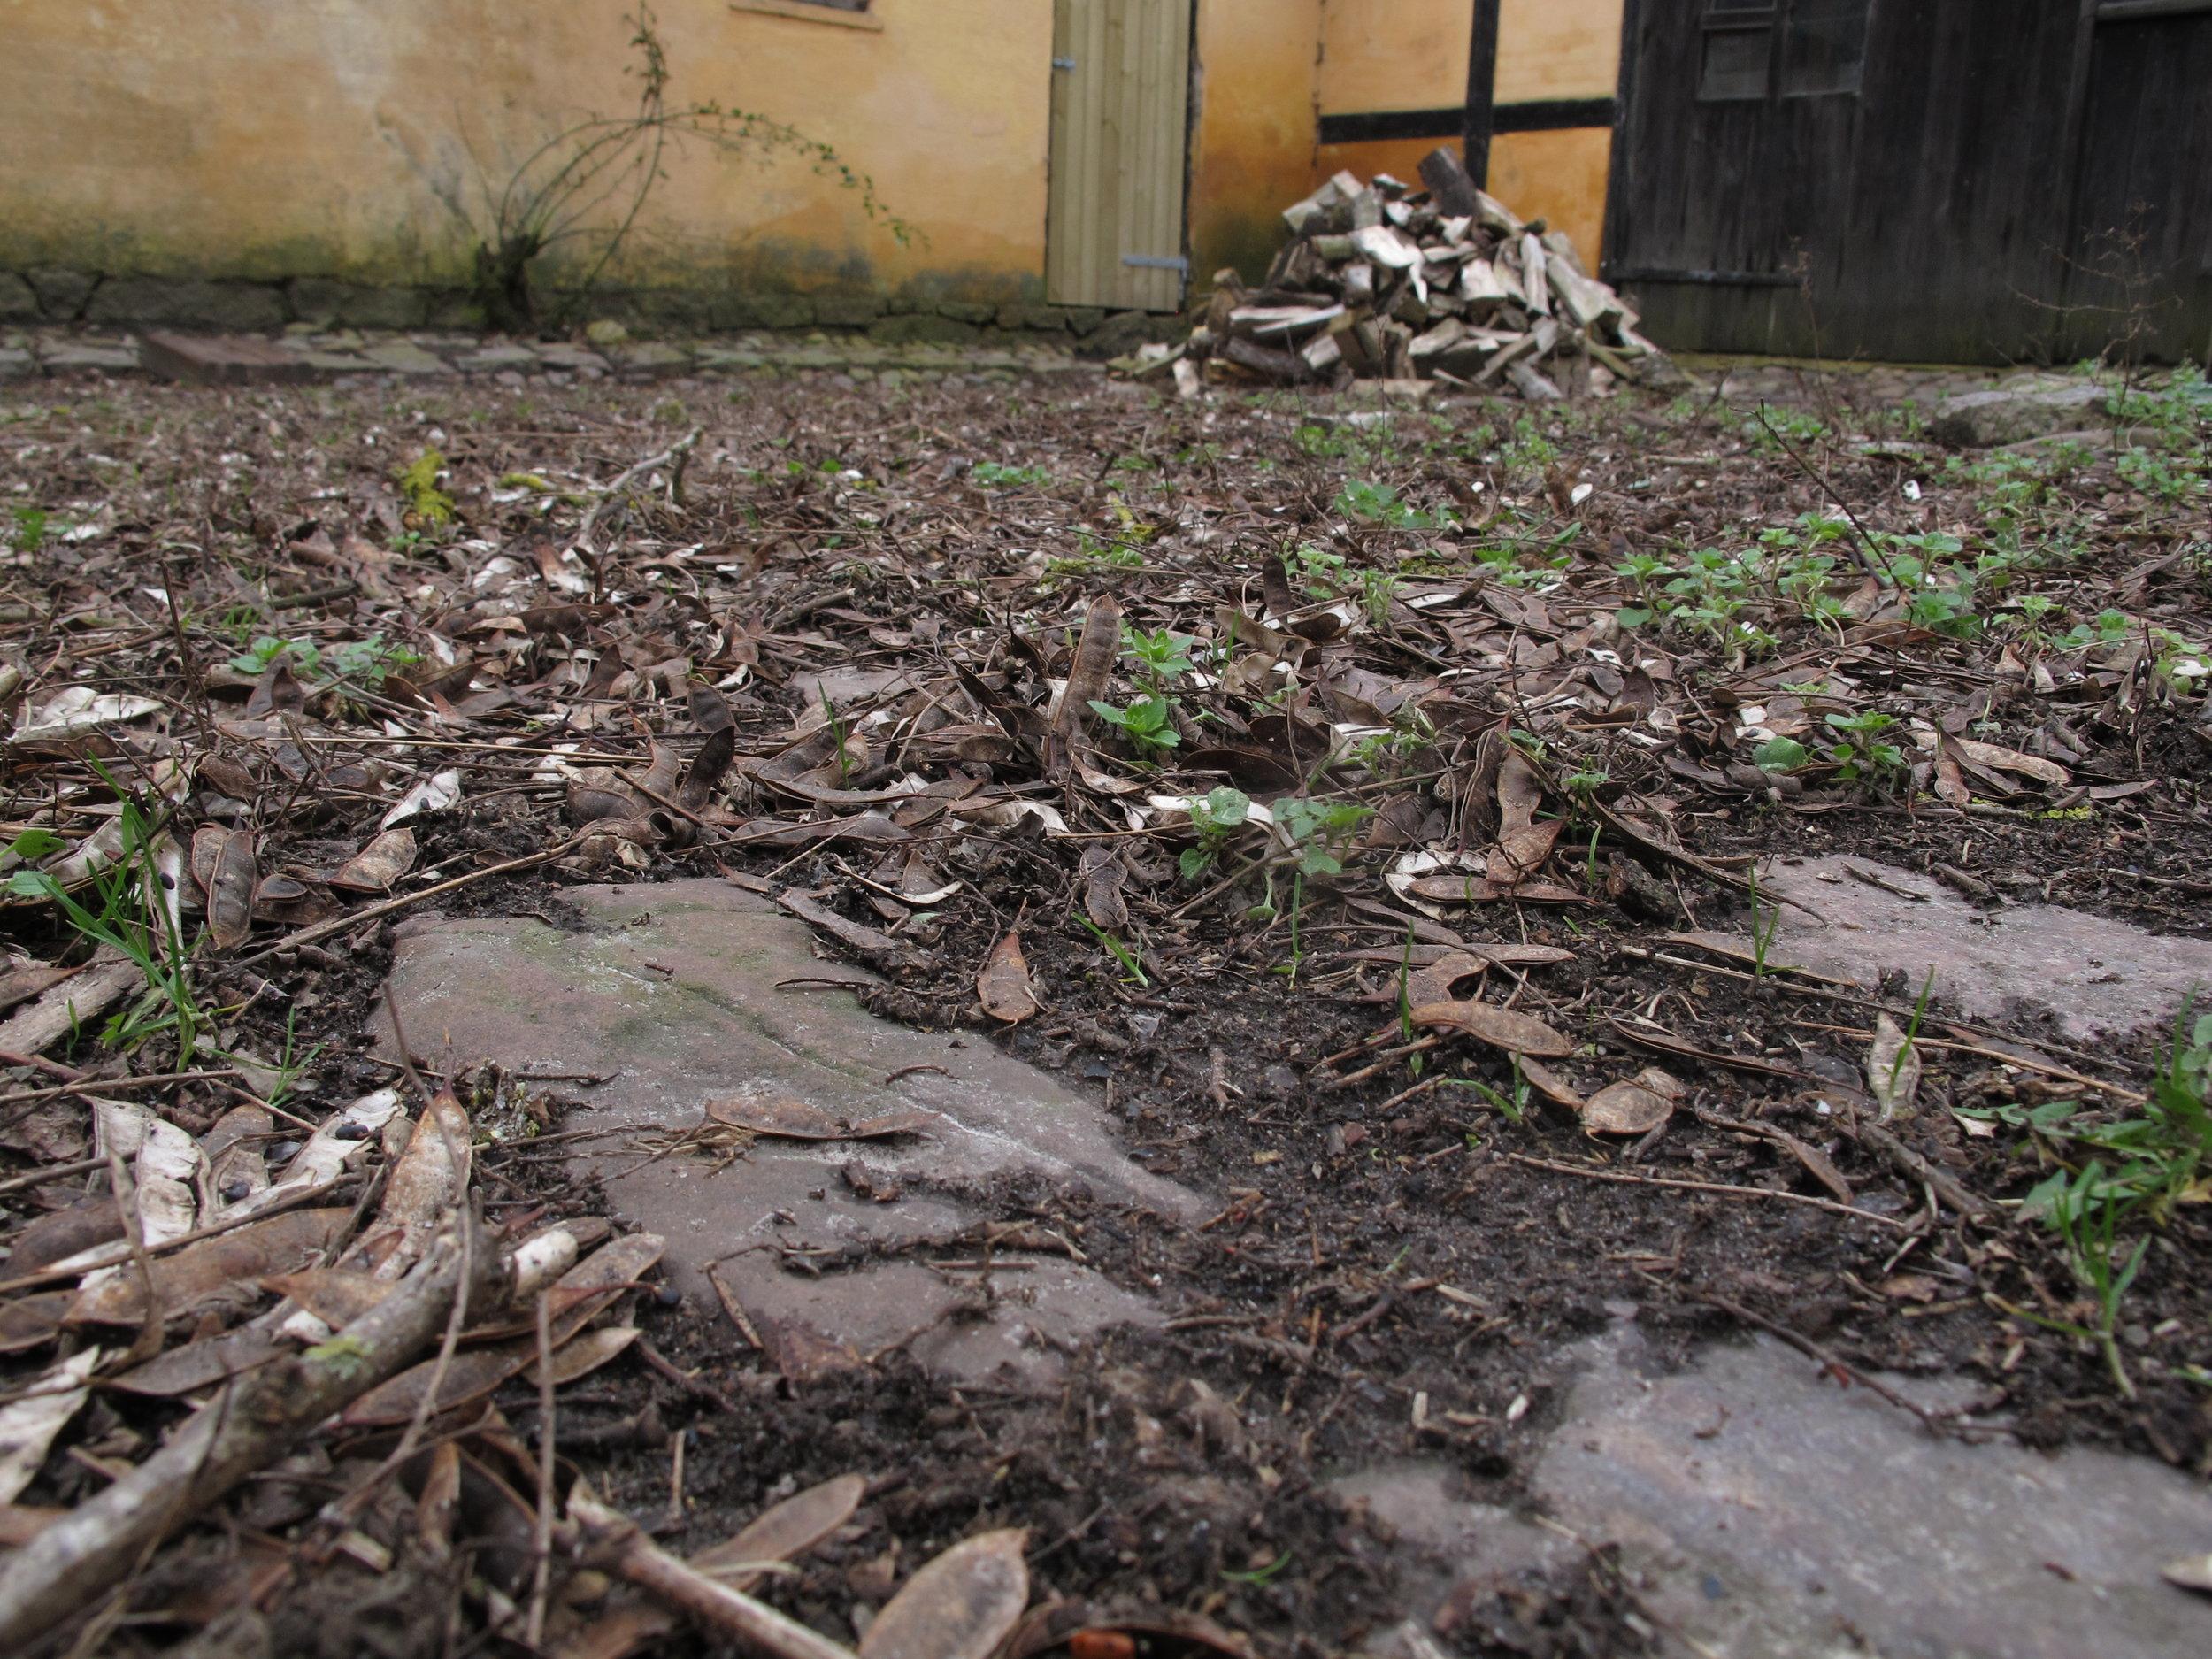 Det er svært at se, at hele gårdspladsen blev renset og gjort rent for ikke så pokkers længe siden.